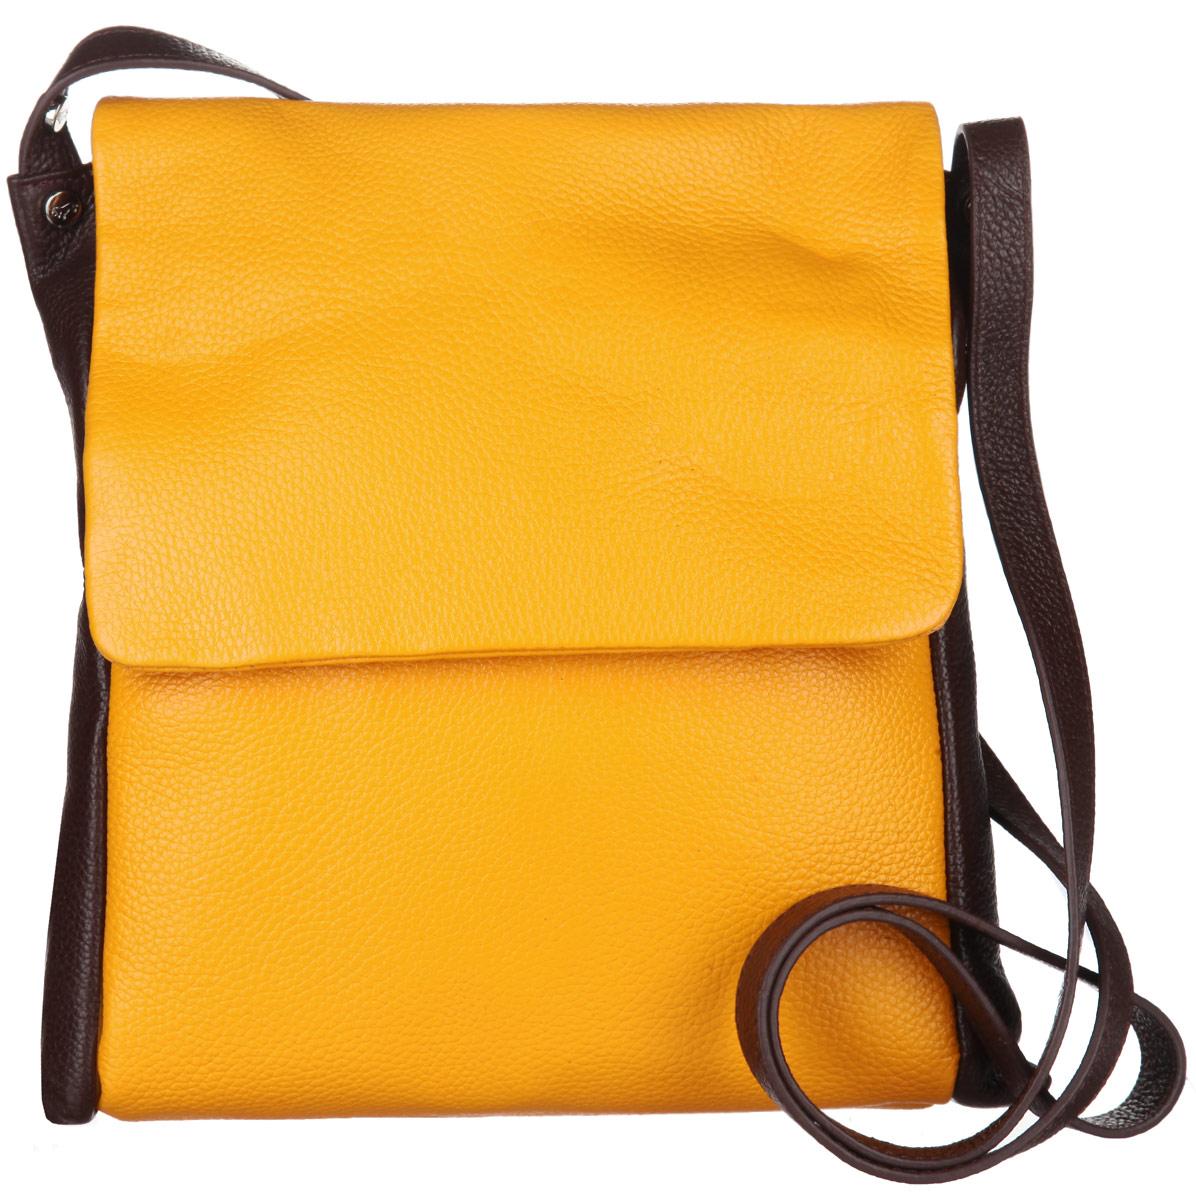 Сумка женская Labbra, цвет: желтый, темно-коричневый. L-DL90239L-DL90239Стильная сумка Labbra изготовлена из натуральной кожи с зернистой фактурой, оформлена металлической фурнитурой с символикой бренда. Изделие содержит одно отделение, которое закрывается клапаном на магнитную кнопку. Внутри изделия расположены два накладных кармашка для мелочей и врезной карман на молнии. Задняя сторона сумки дополнена врезным карманом на молнии. На задней стороне сумки расположен накладной карман на молнии. Изделие оснащено практичным плечевым ремнем регулируемой длины. Оригинальный аксессуар позволит вам завершить образ и быть неотразимой.